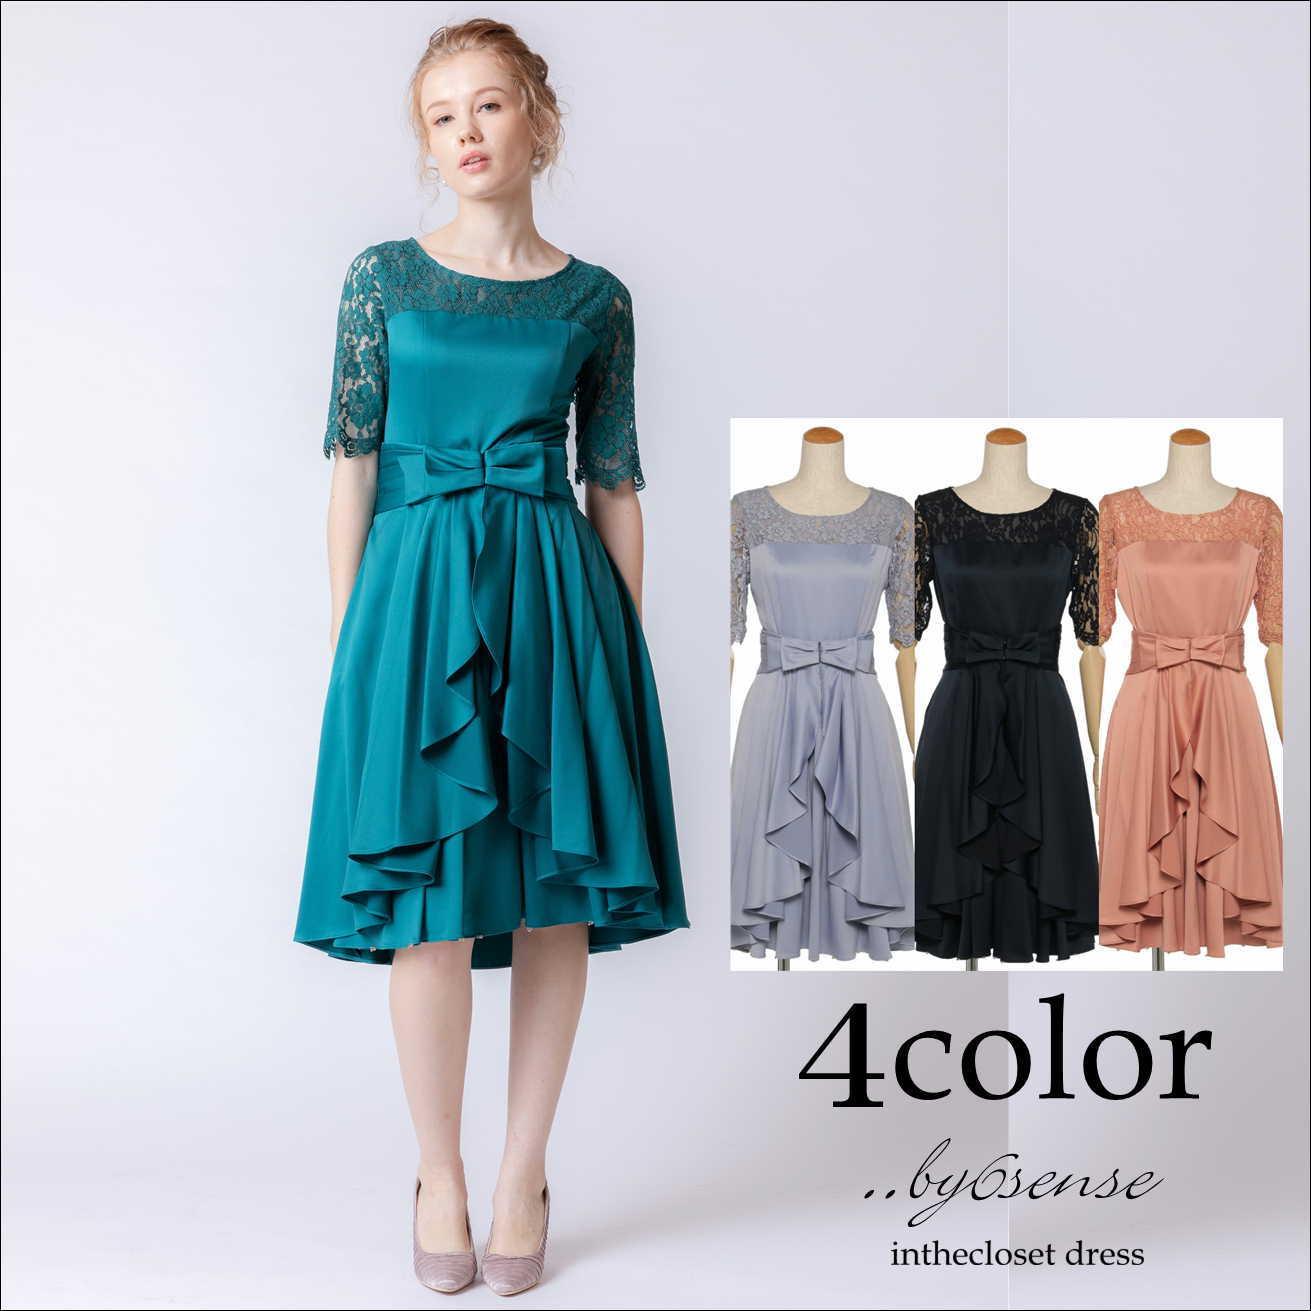 デコルテレース・フィットフレア オーバースカート付き2wayドレス Dorry Doll(ドリードールドレス) グリーン